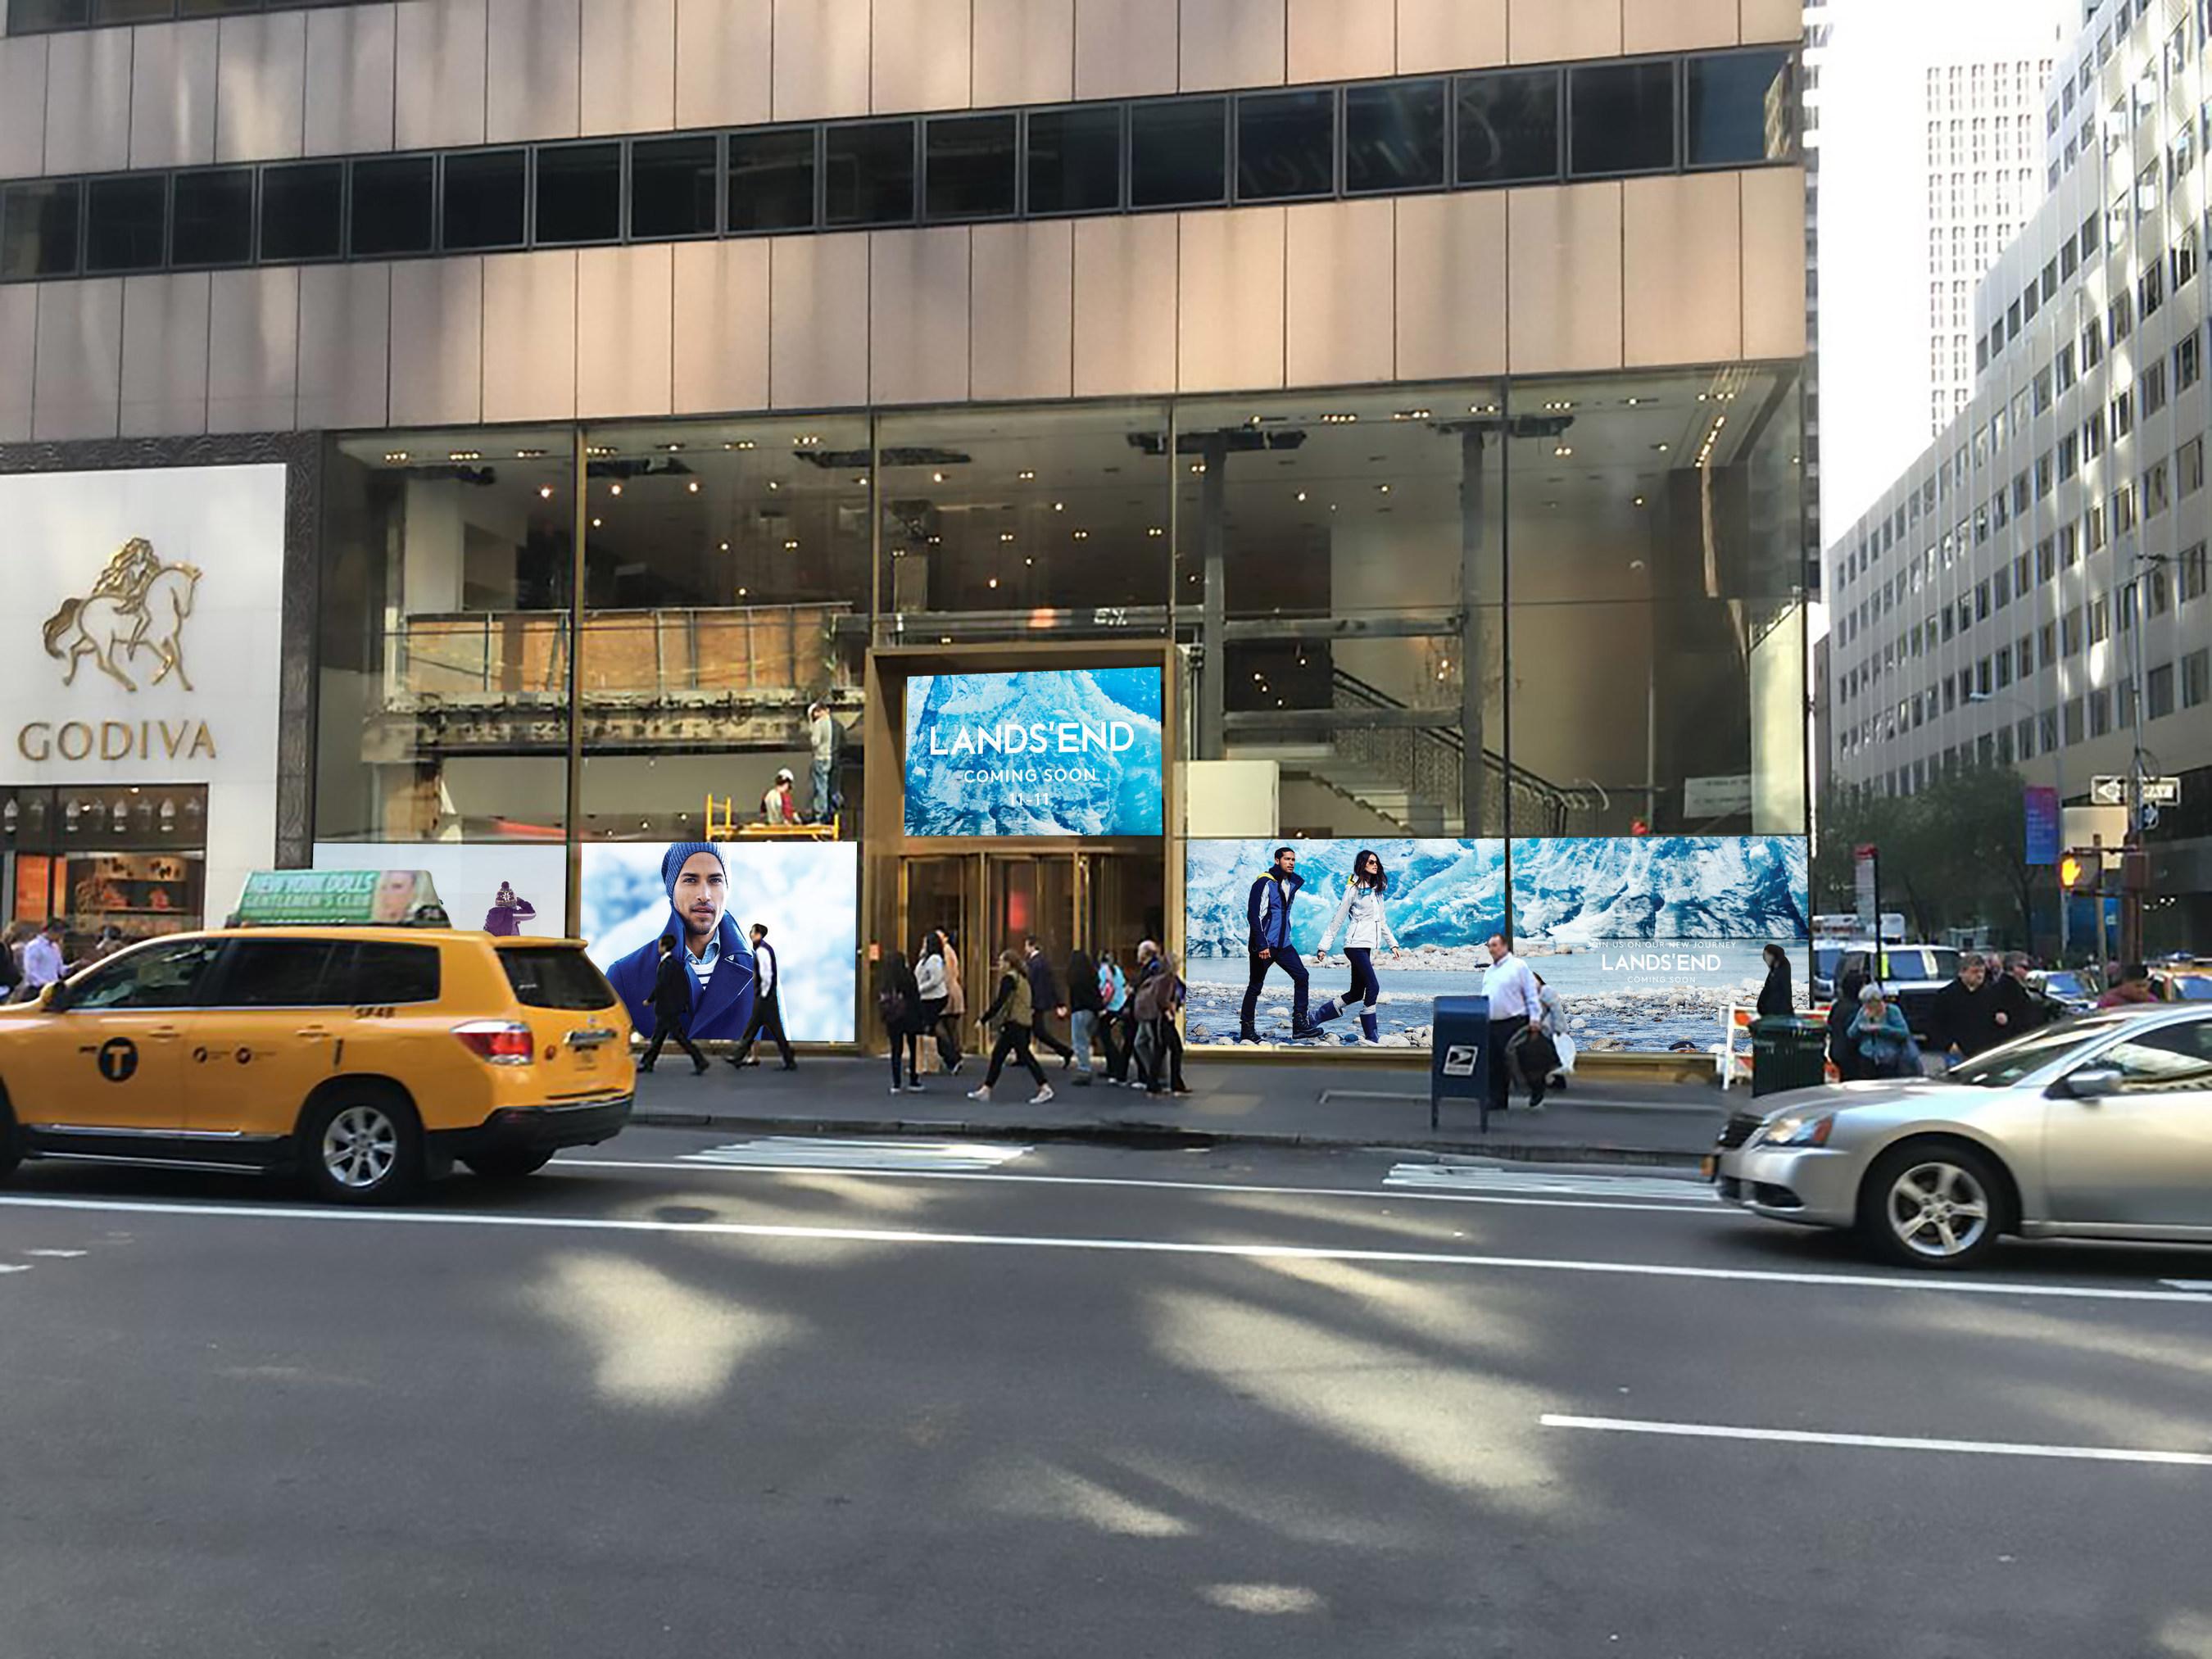 Lands' End pop-up shop in New York